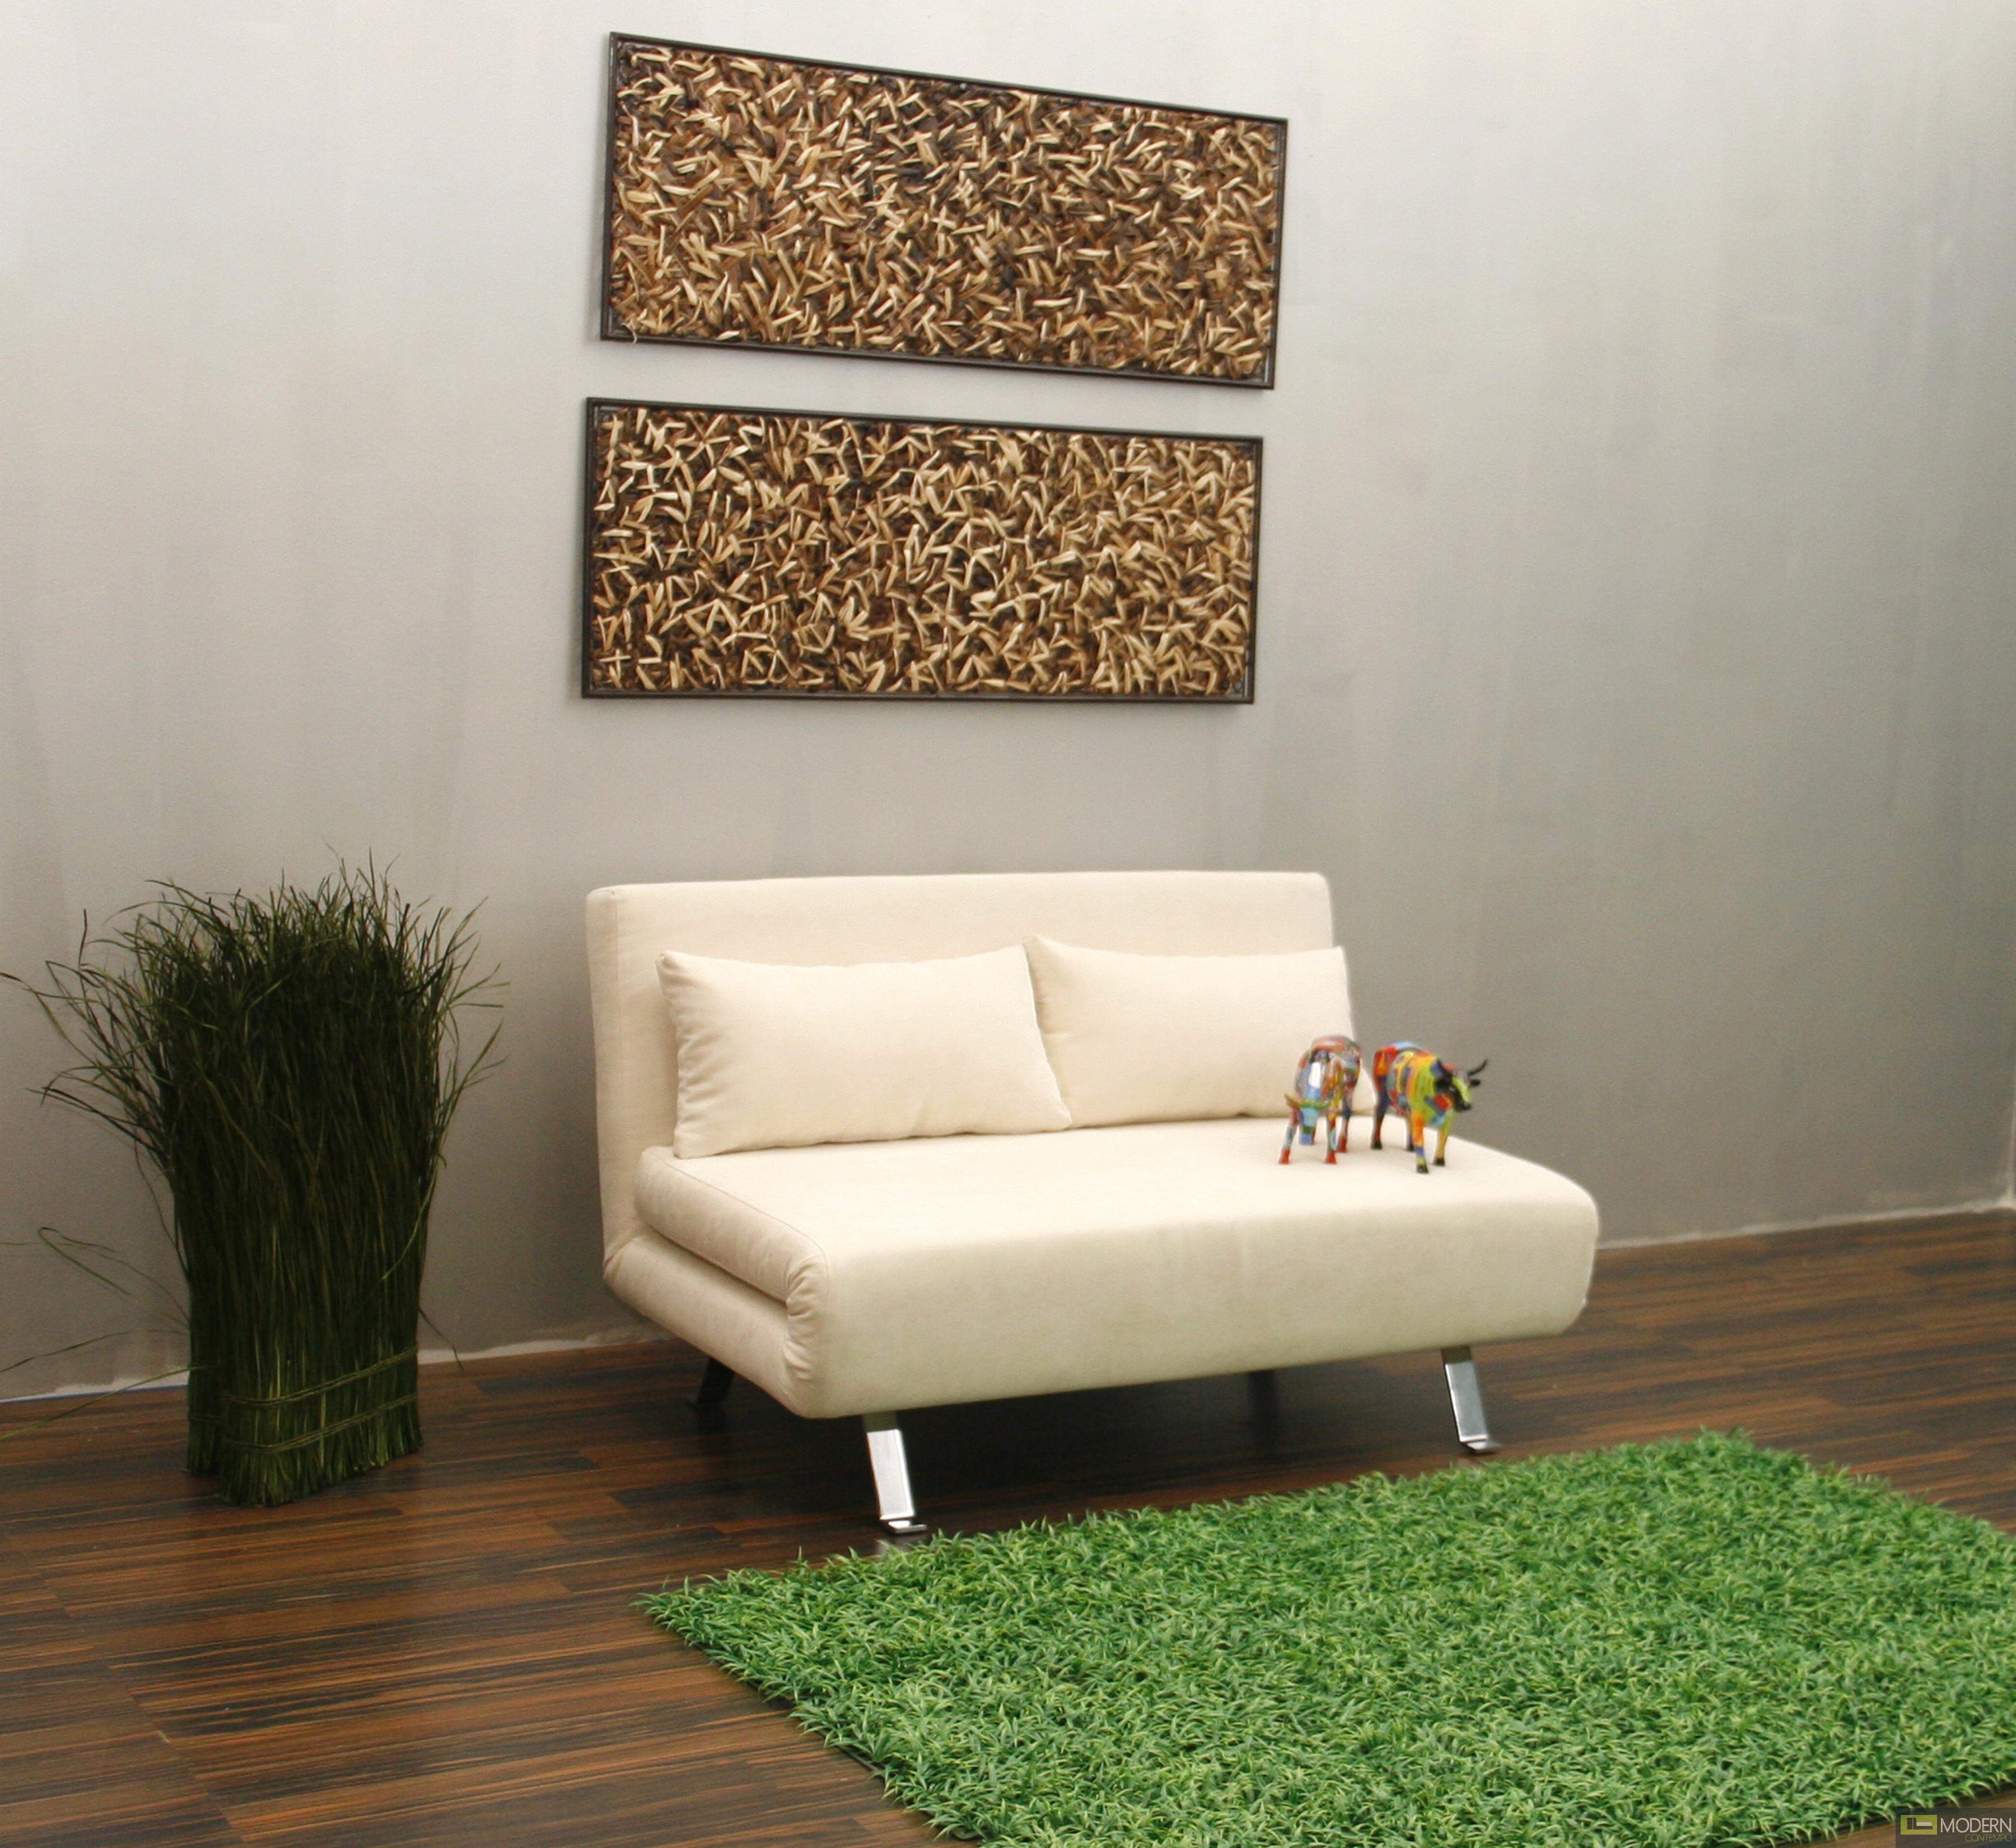 Kenzo - Modern Microfiber Sofa Bed